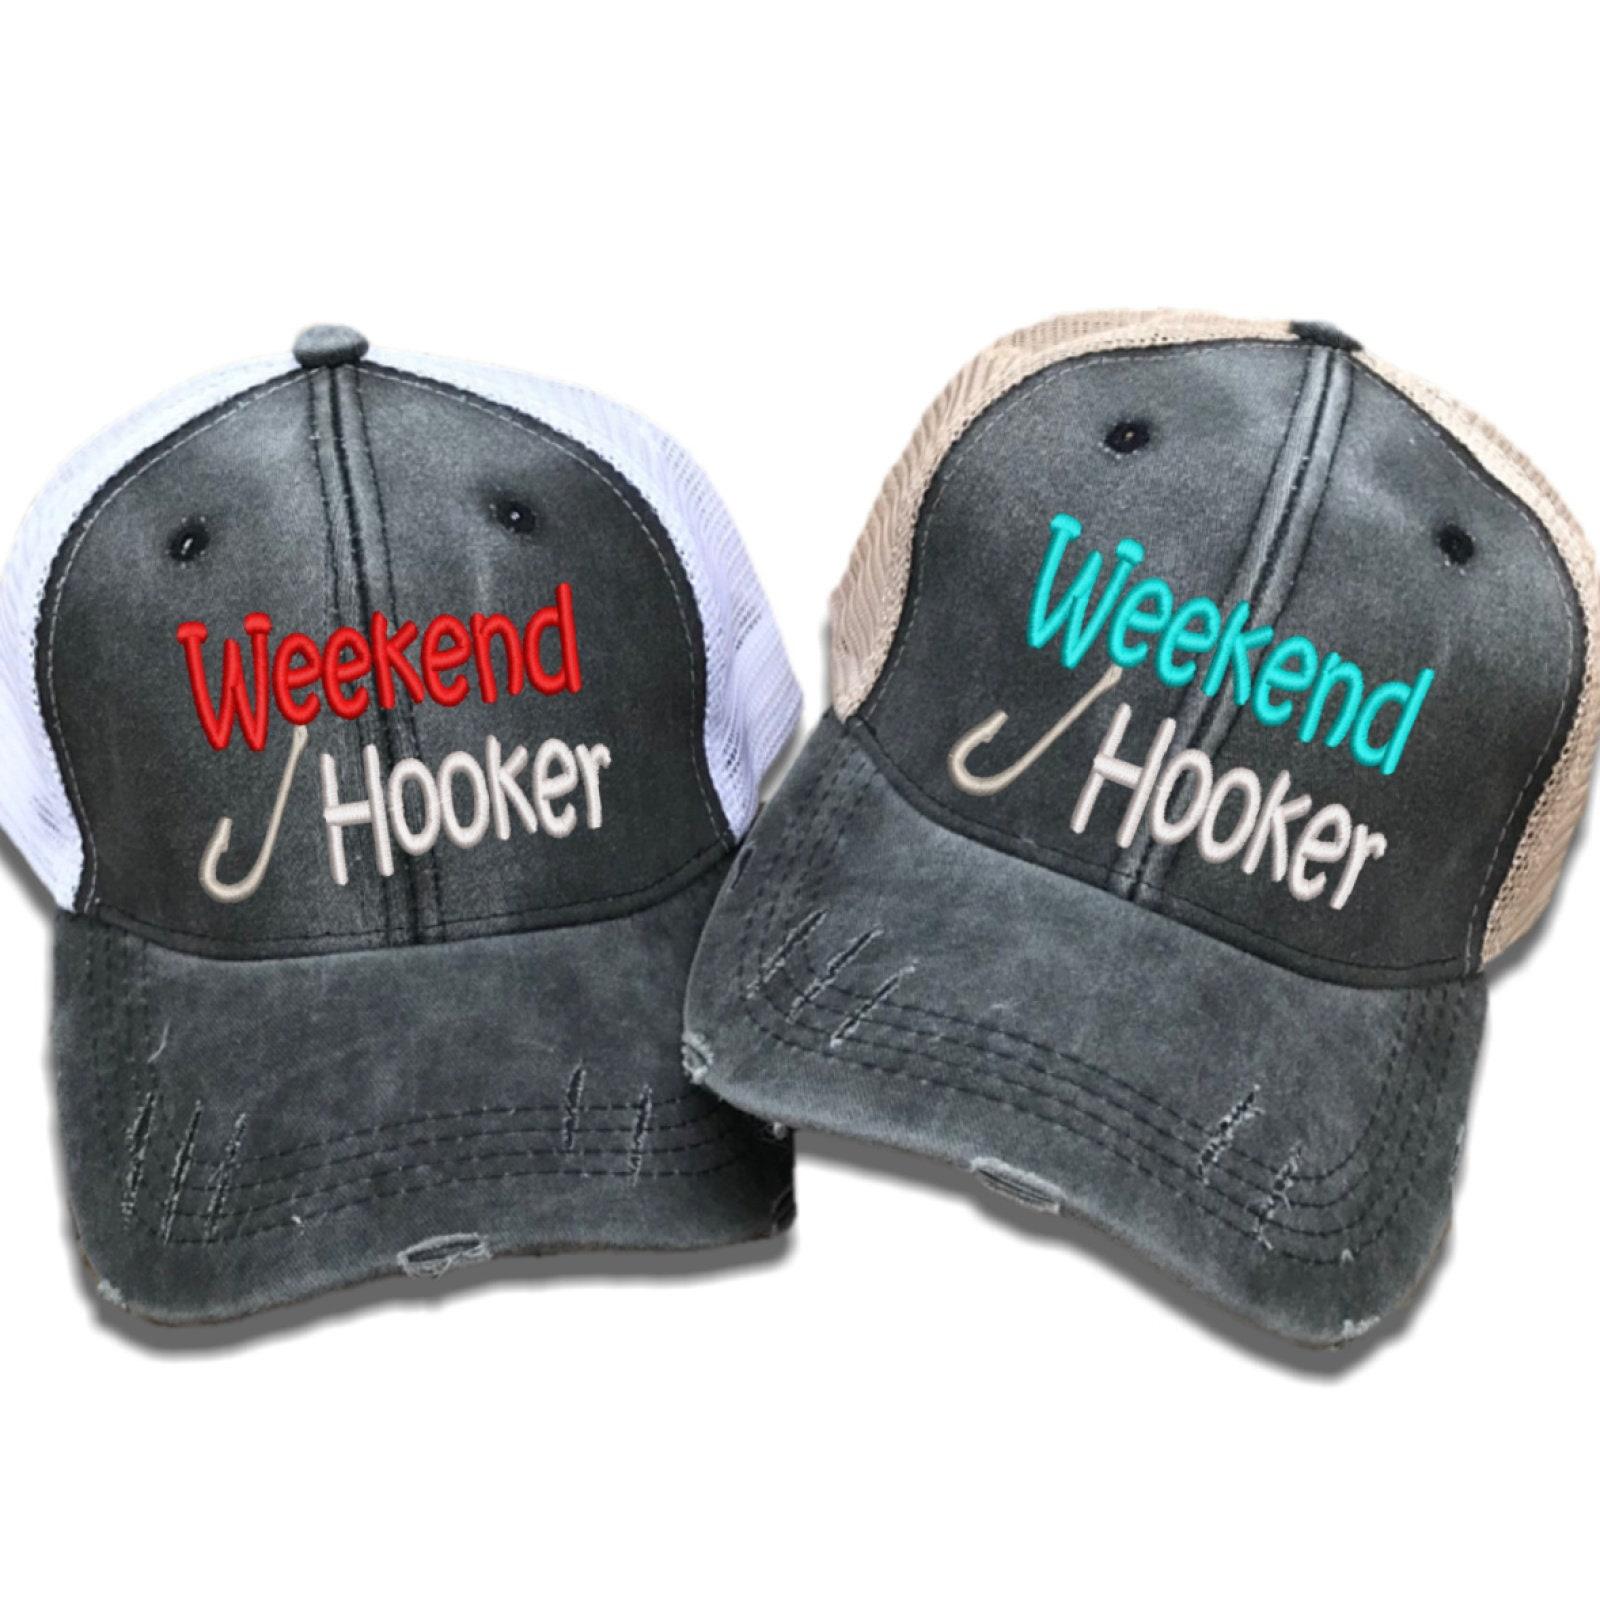 2c05bdc3aab77 Weekend Hooker Fishing Trucker Hat Custom Hats Women s